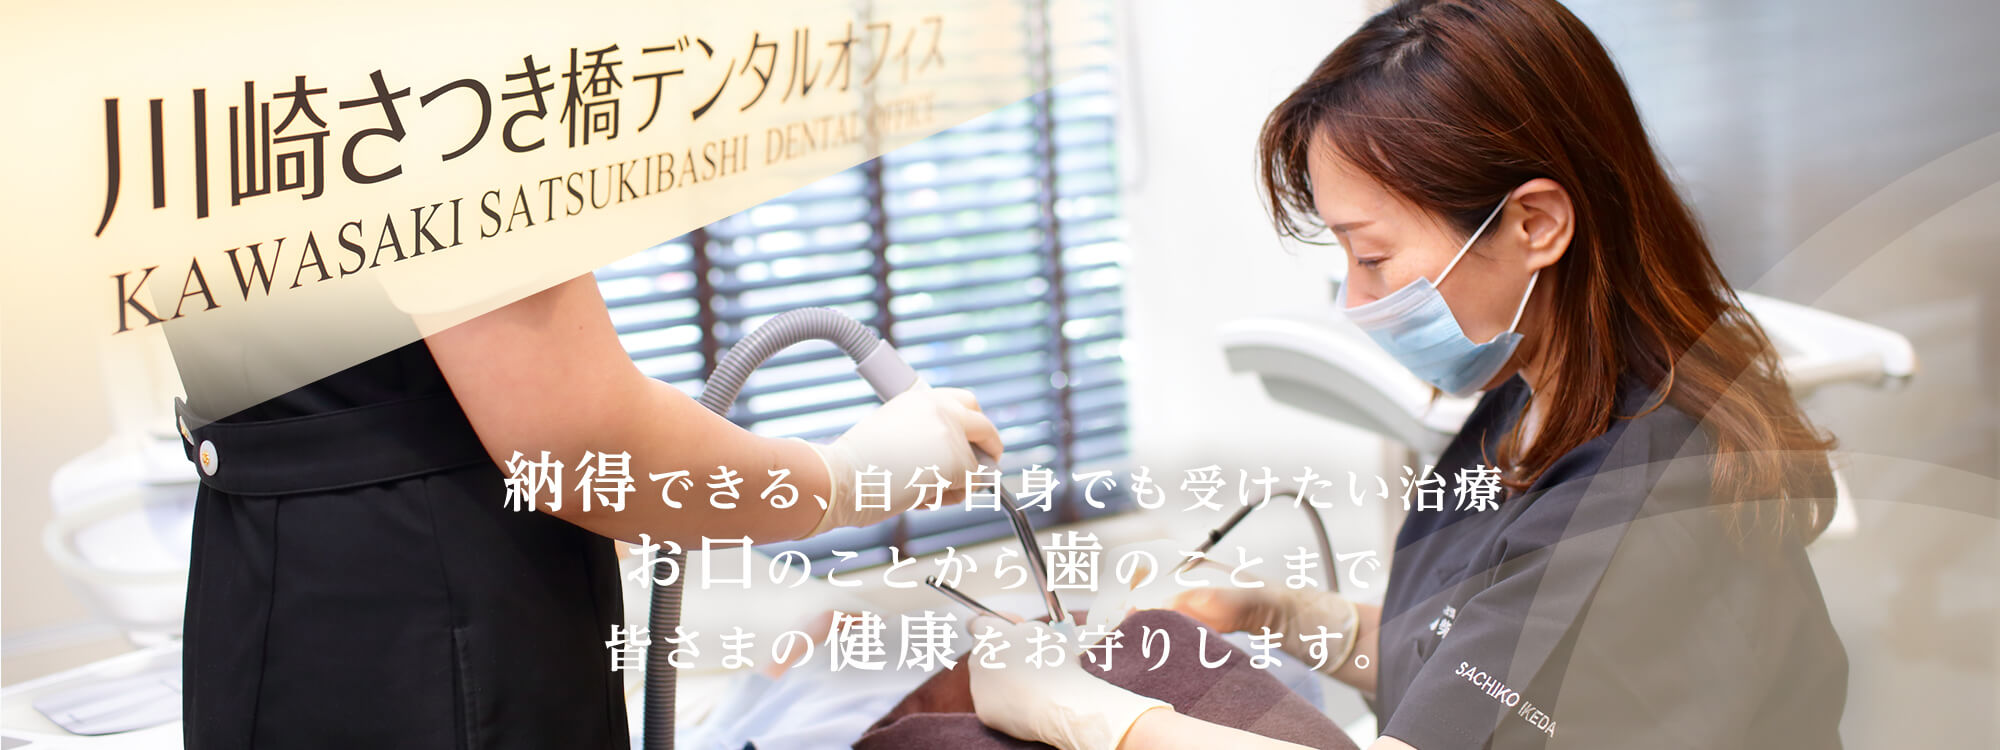 納得できる、自分自身でも受けたい治療お口のことから歯のことまで皆さまの健康をお守りします。